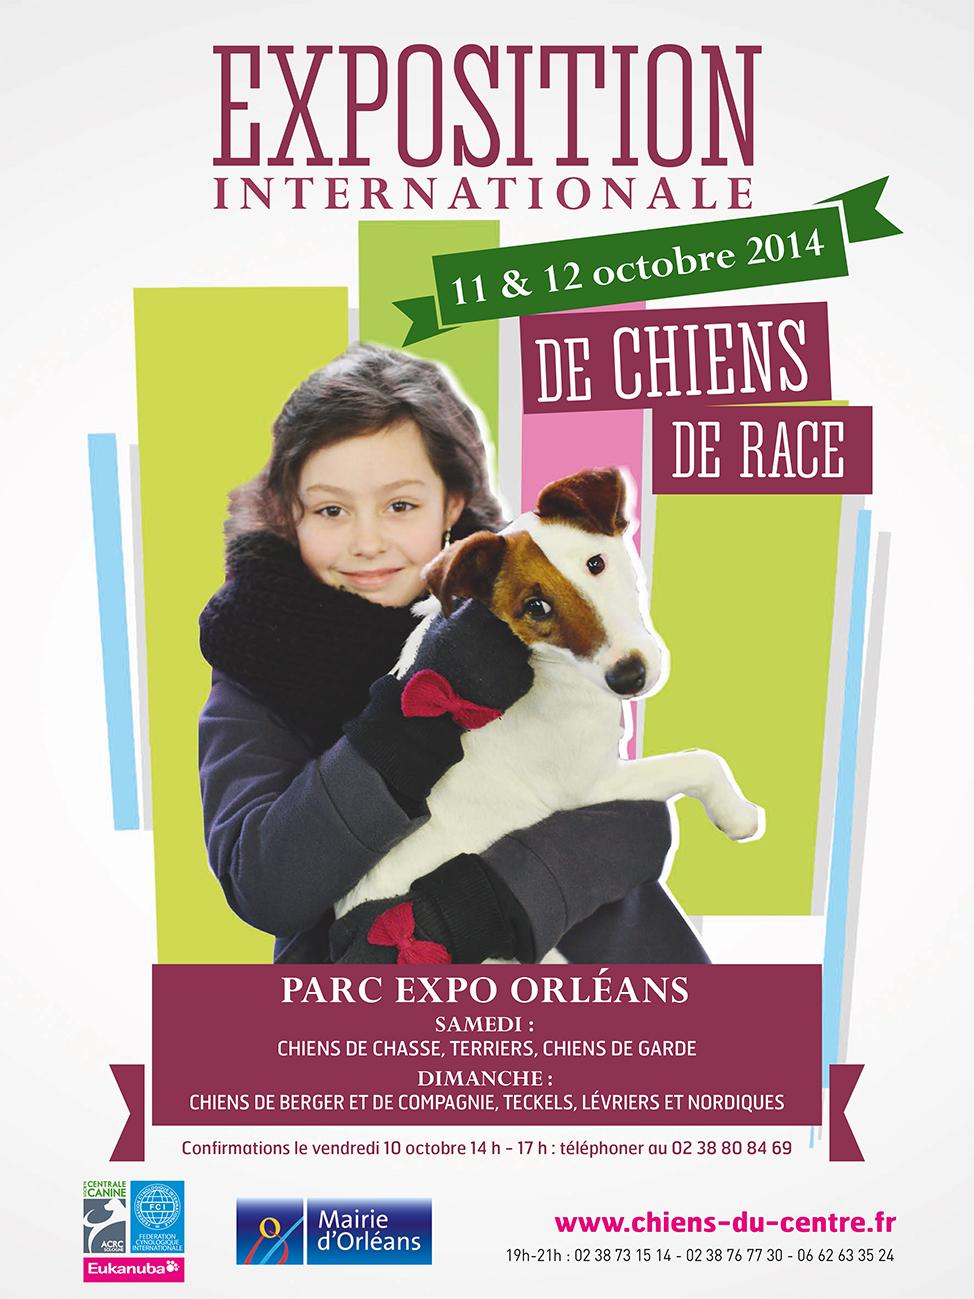 Exposition Internationale de Chiens de race à Orléans (45), du samedi 11 au dimanche 12 octobre 2014